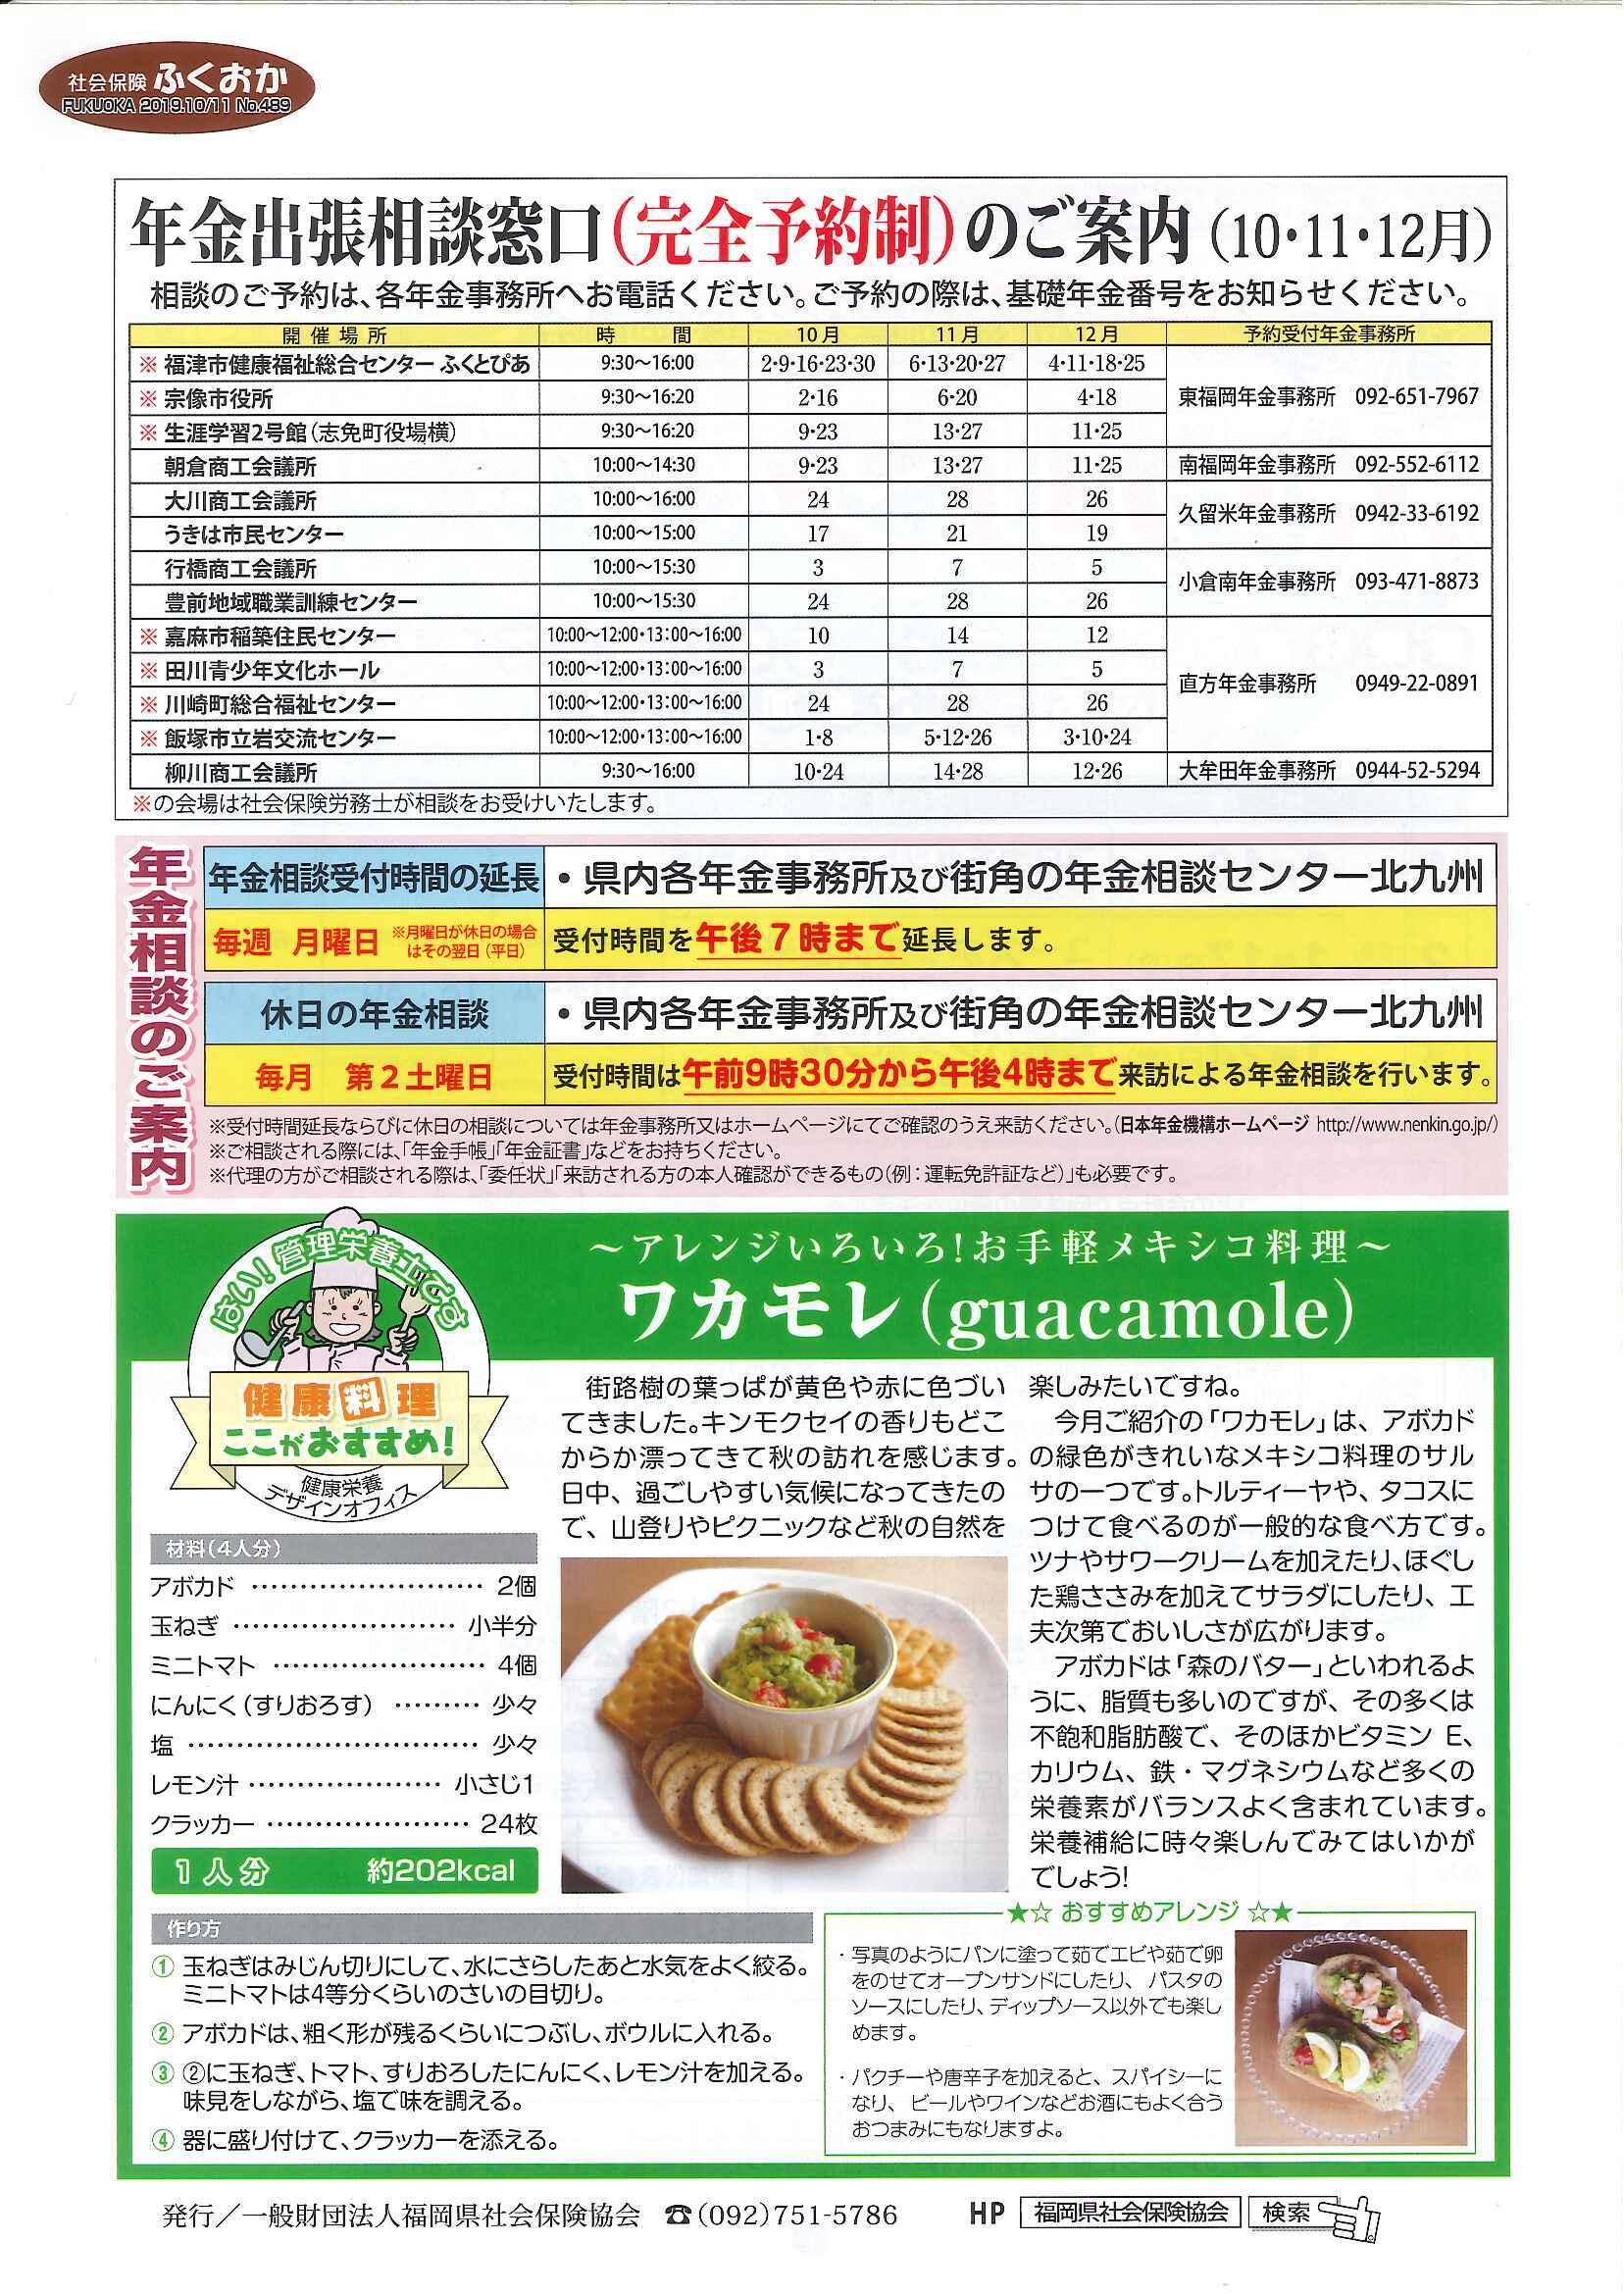 社会保険 ふくおか 2019年10・11月号_f0120774_11302154.jpg